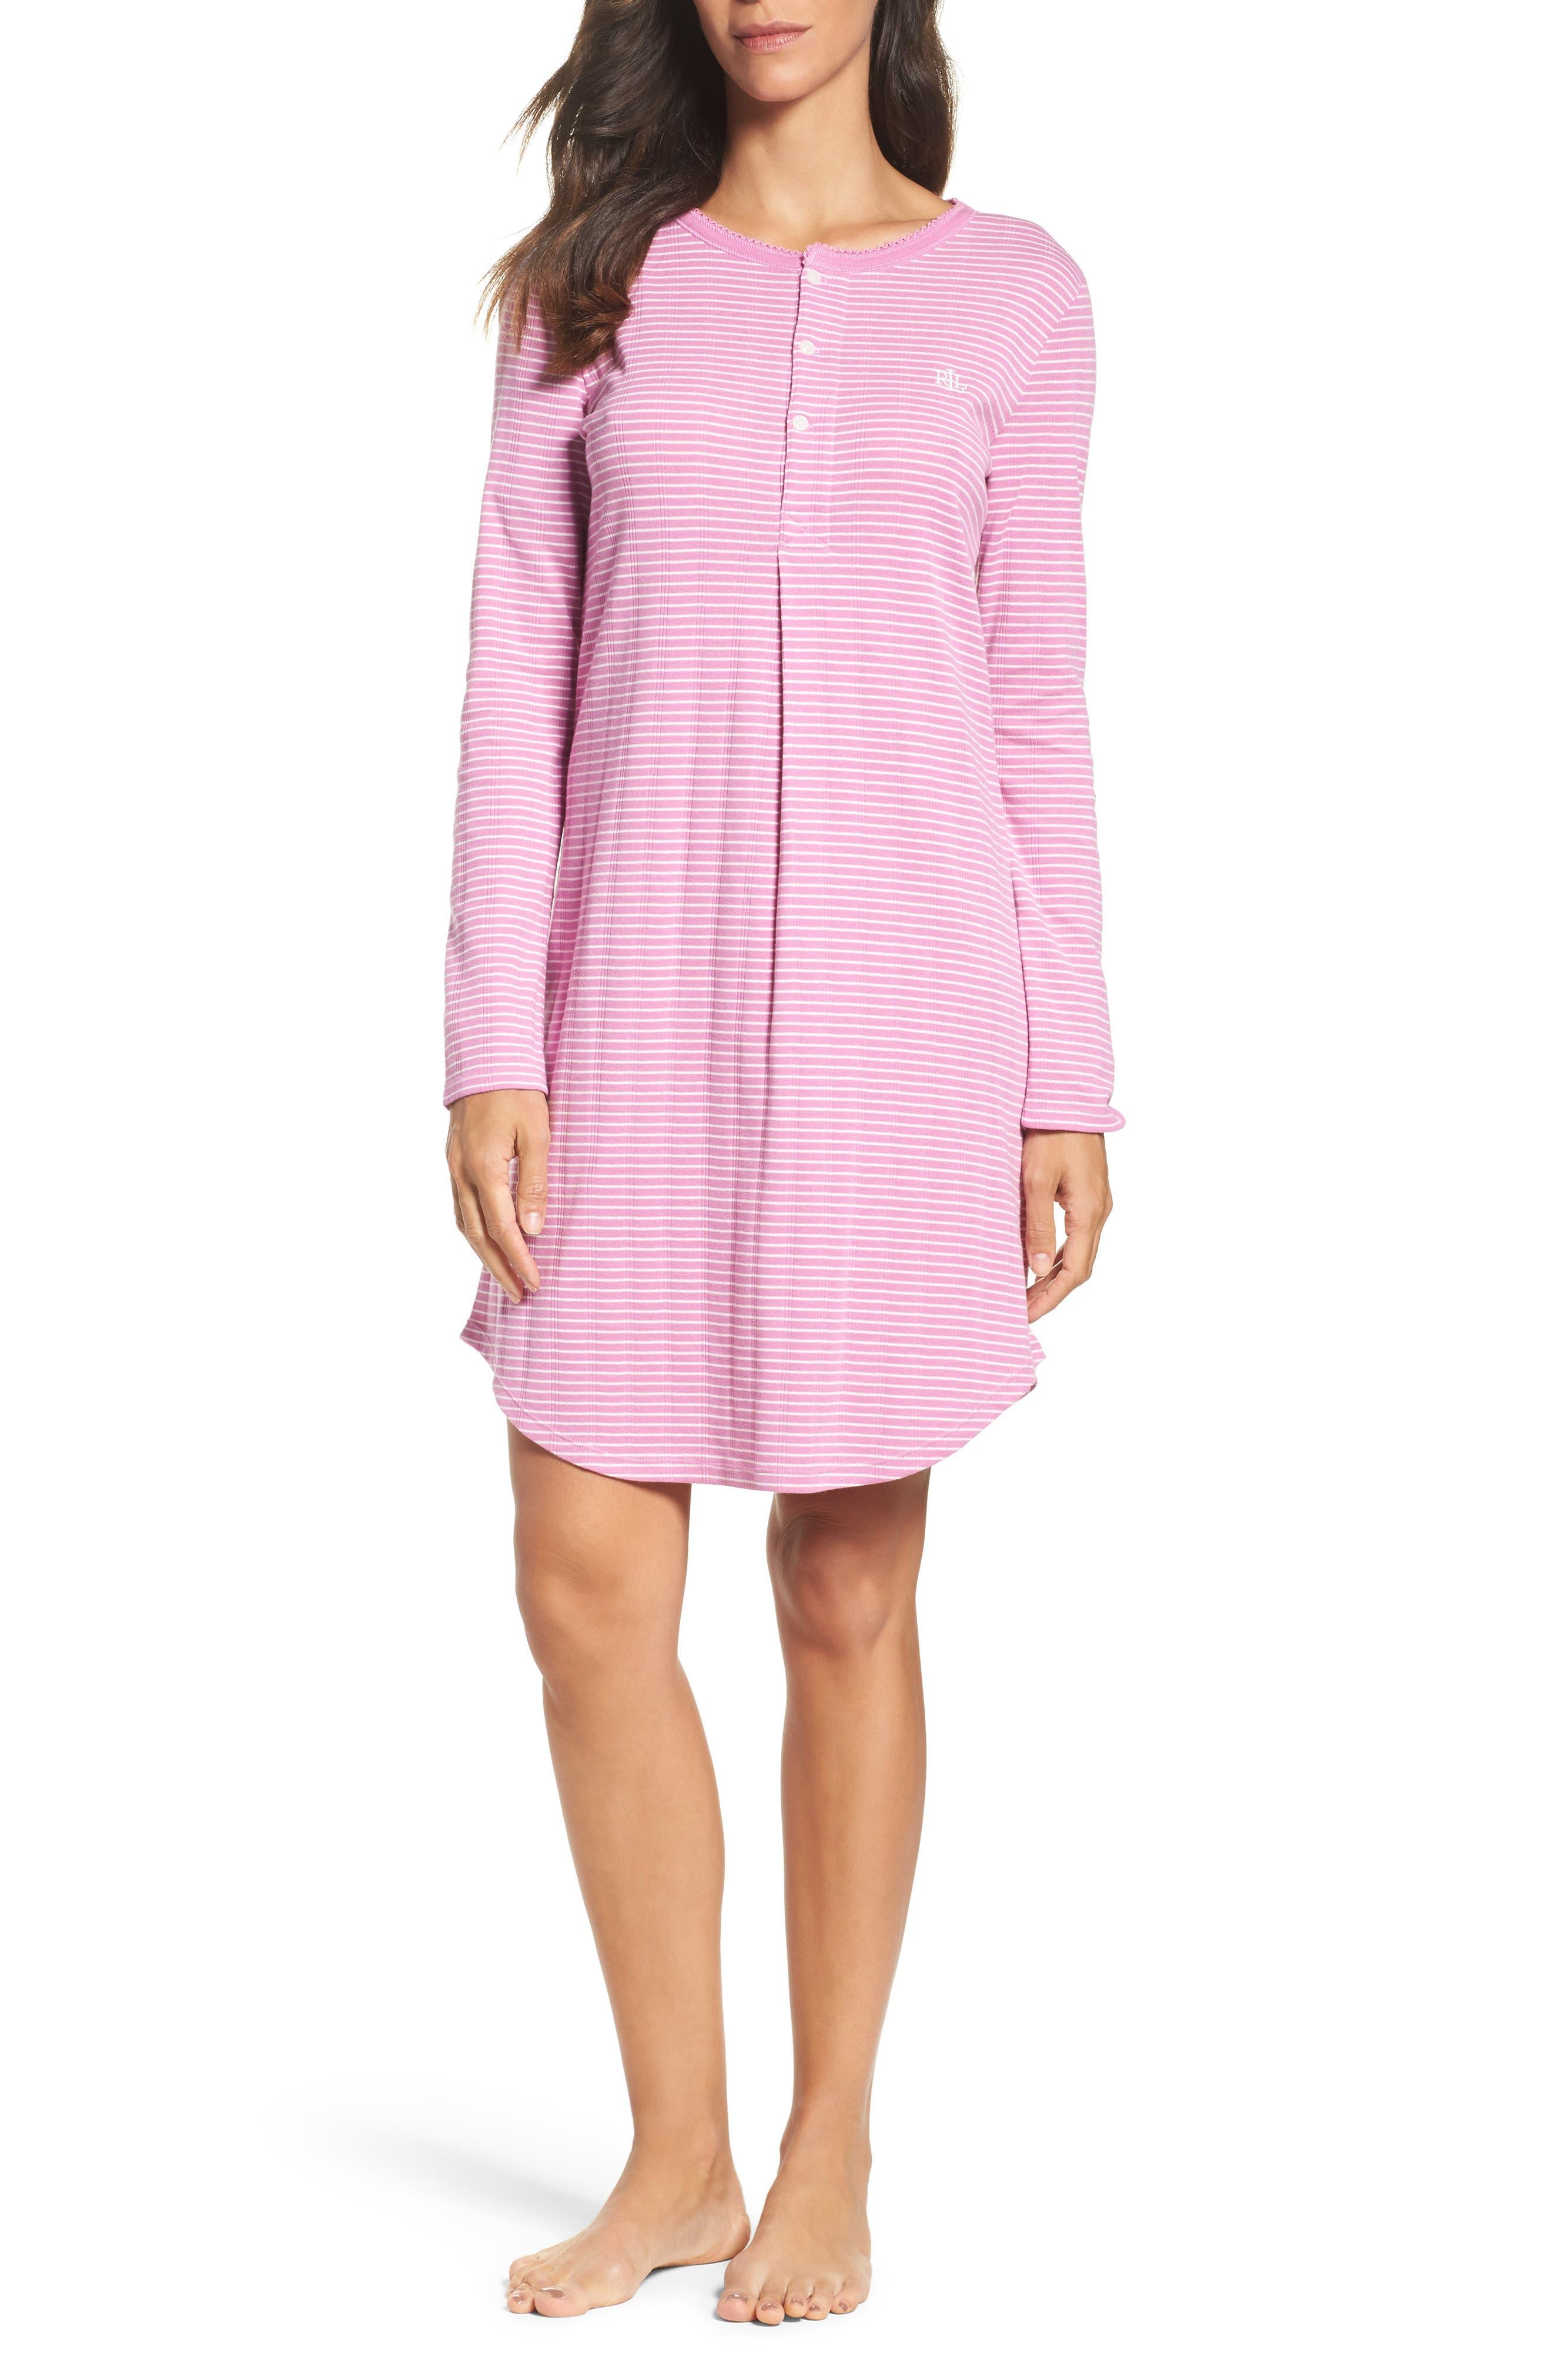 Alternate Image 1 Selected - Lauren Ralph Lauren Stripe Henley Sleep Shirt